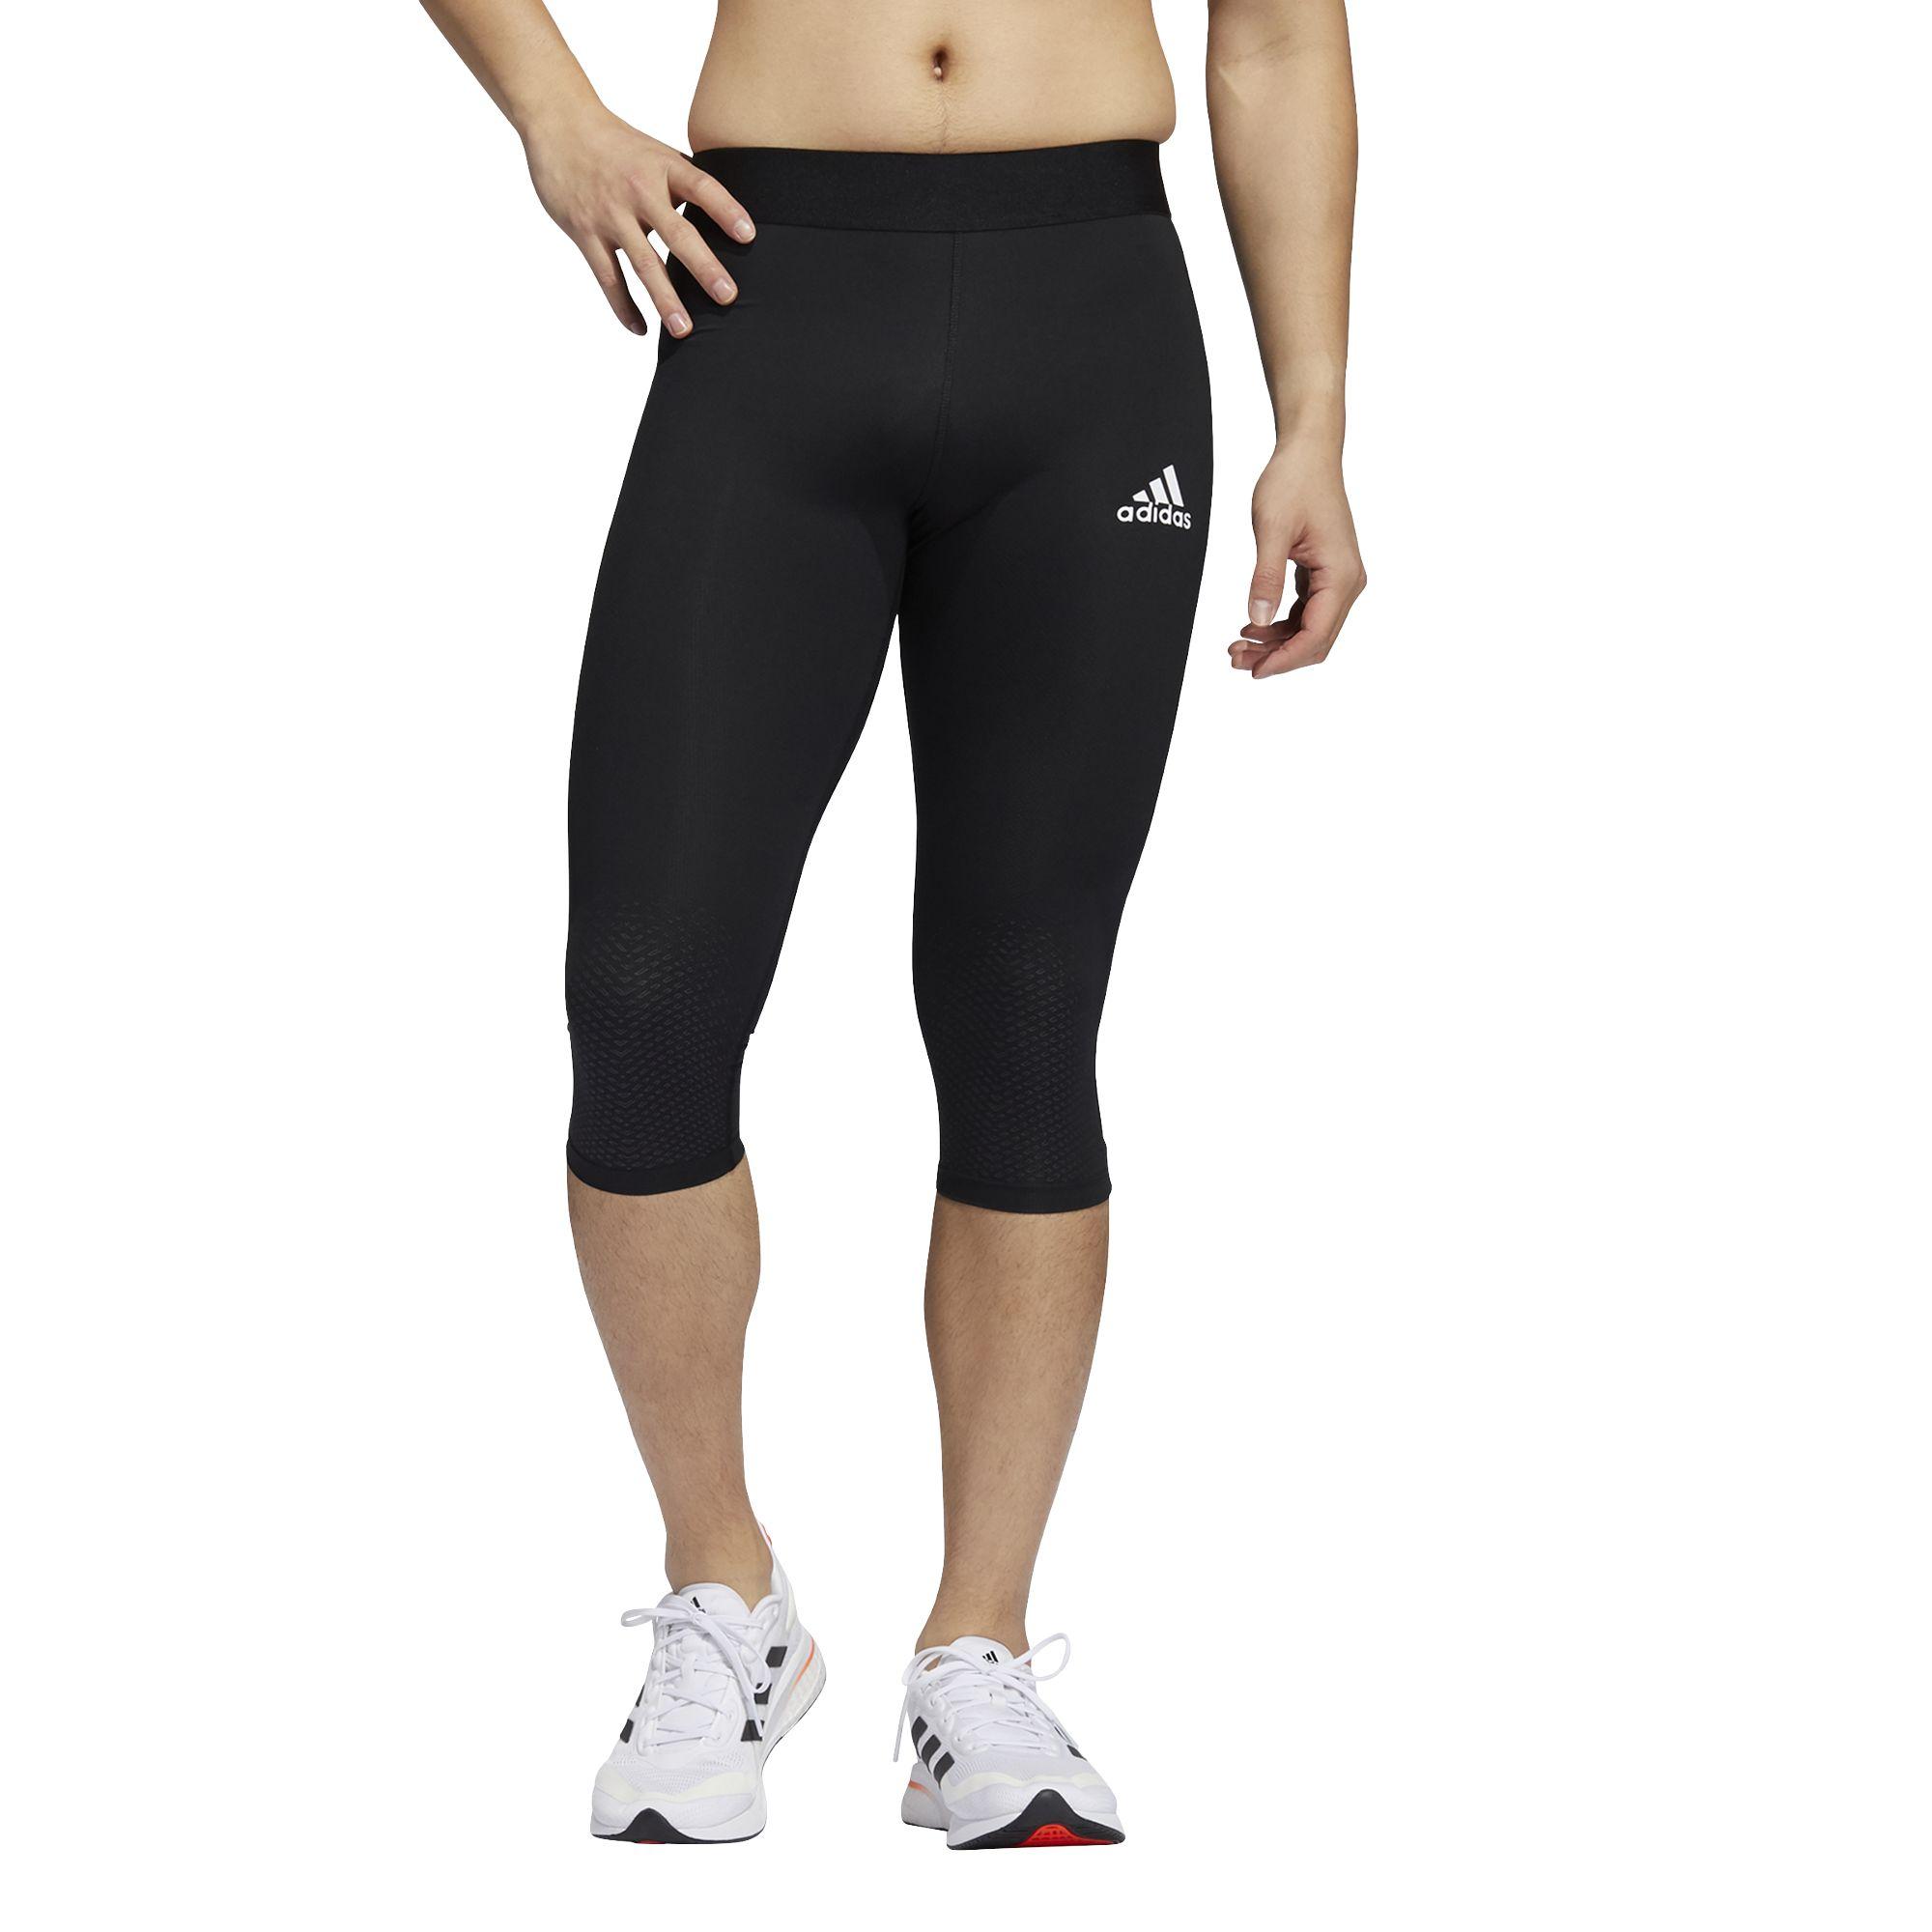 adidas Lady Heat RDY Warrior Tight (Black)